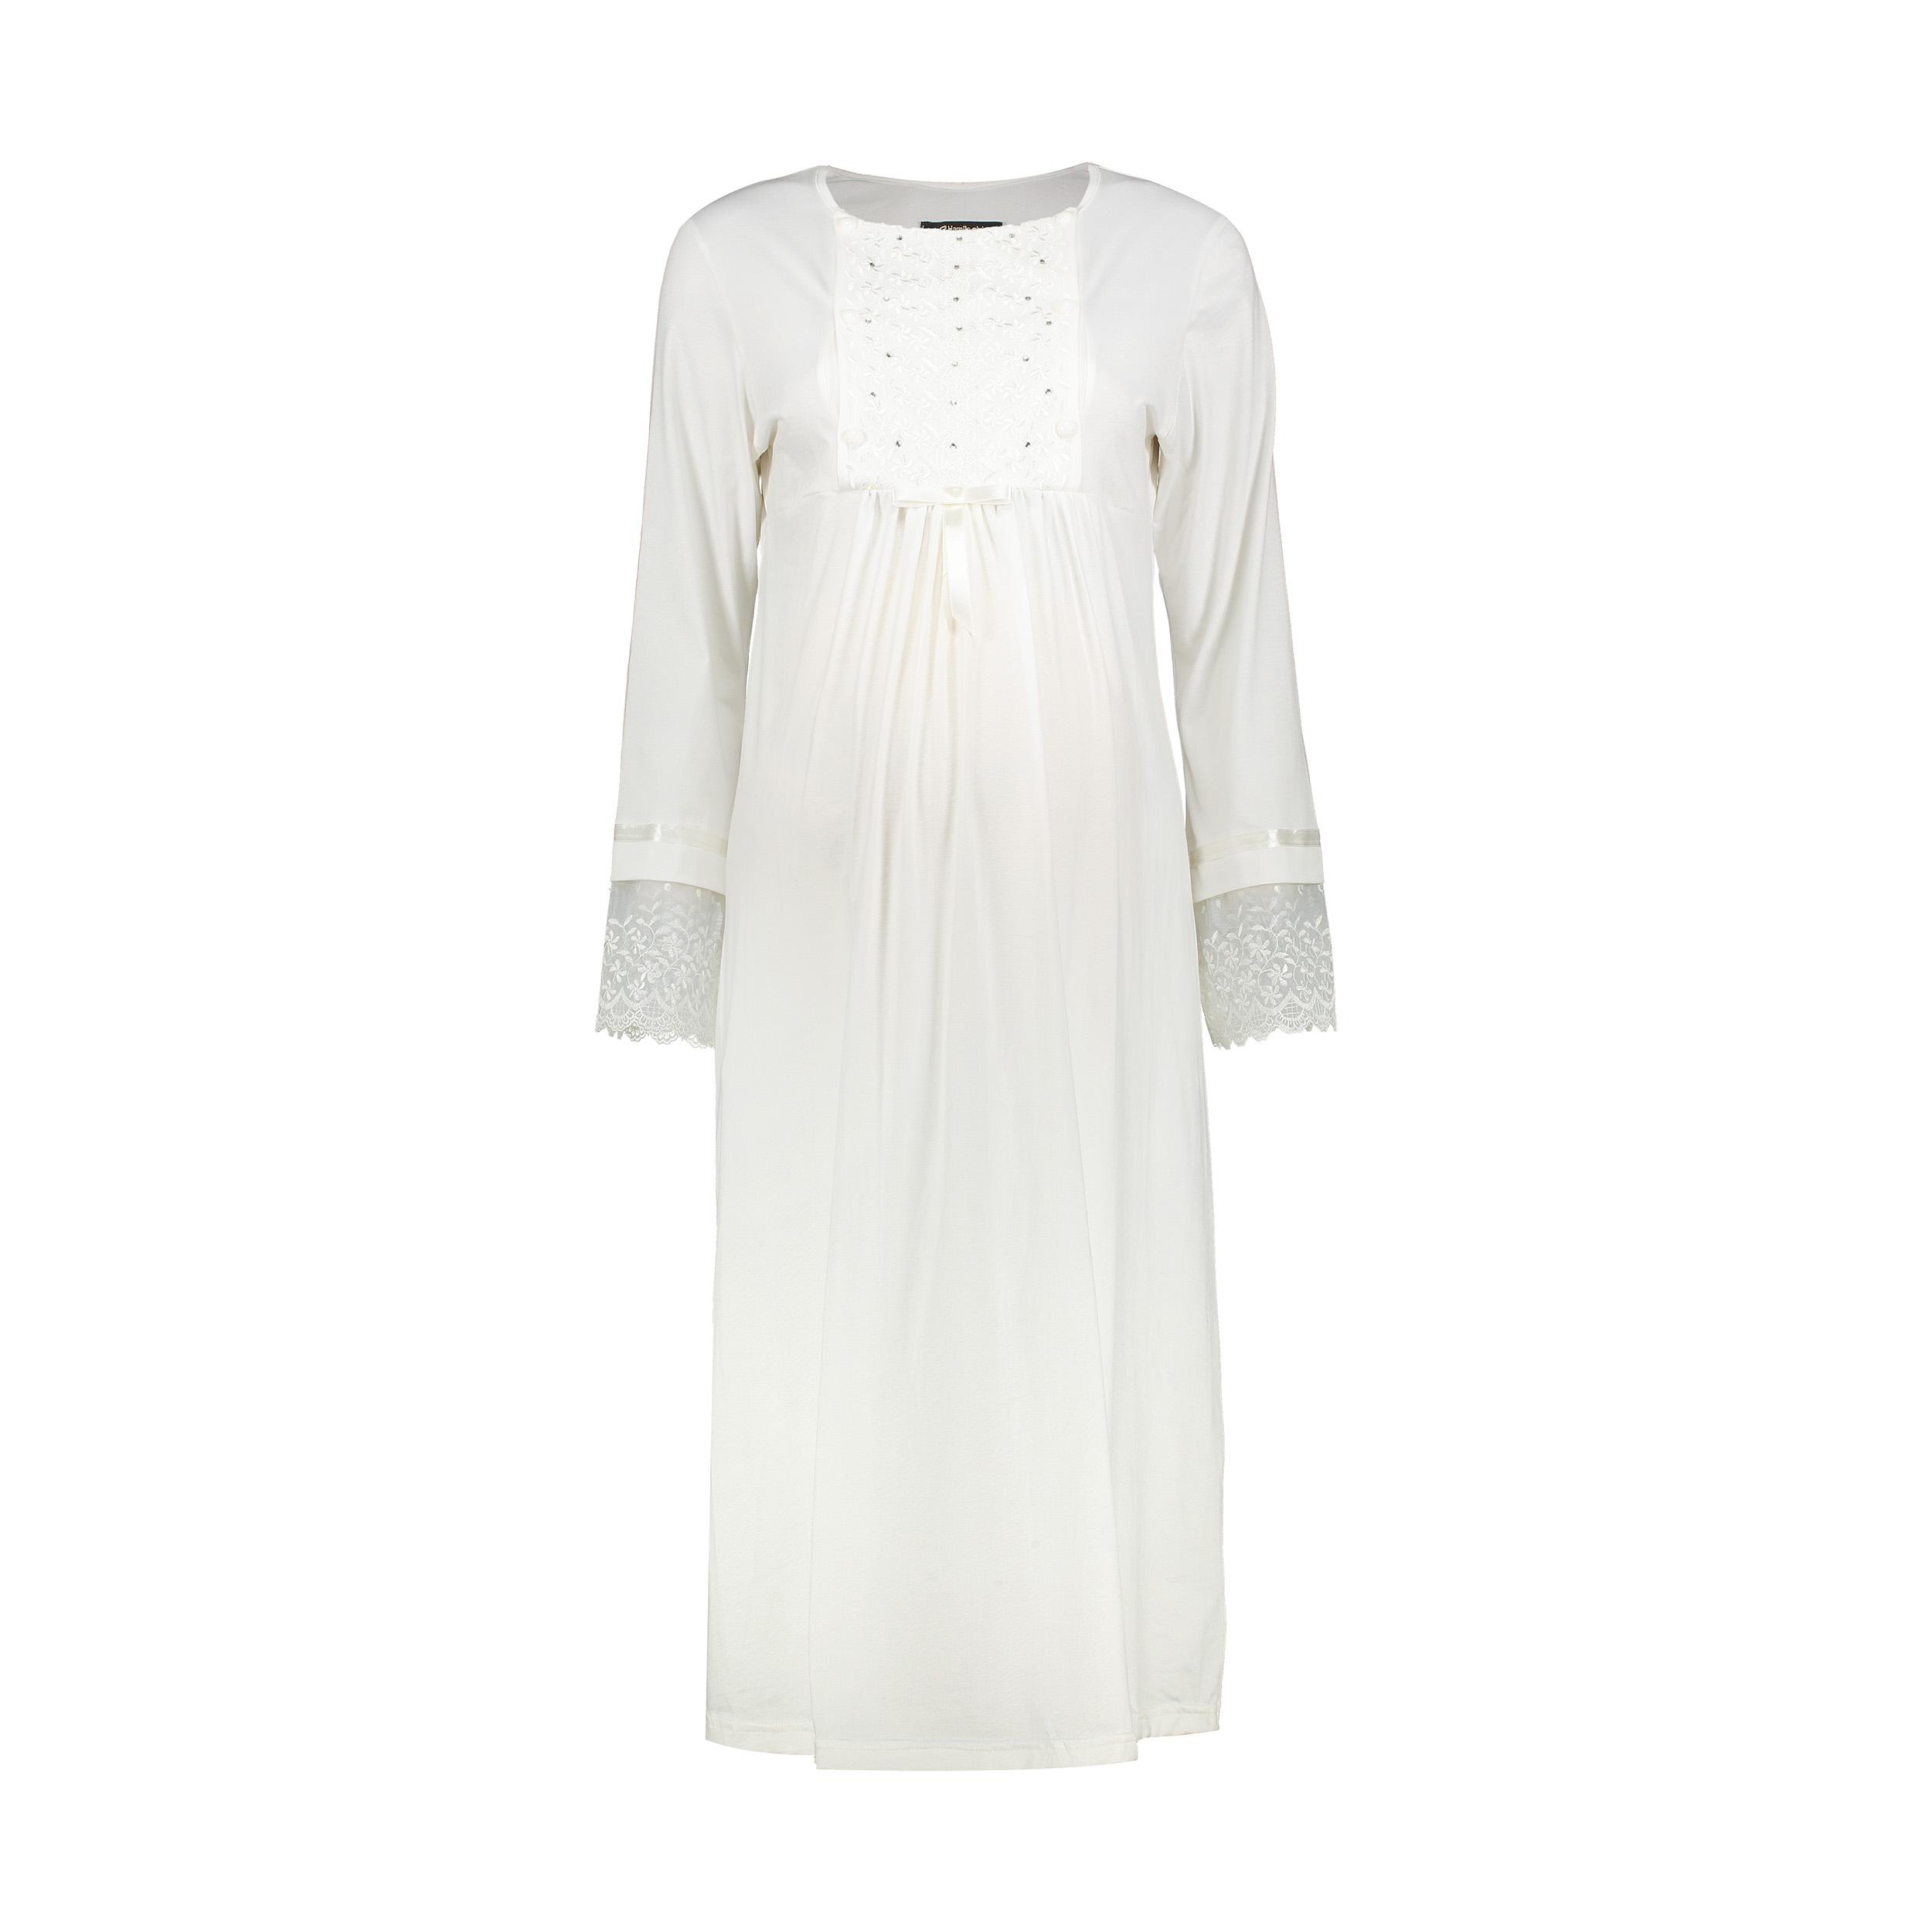 پیراهن بارداری کد 1 رنگ سفید